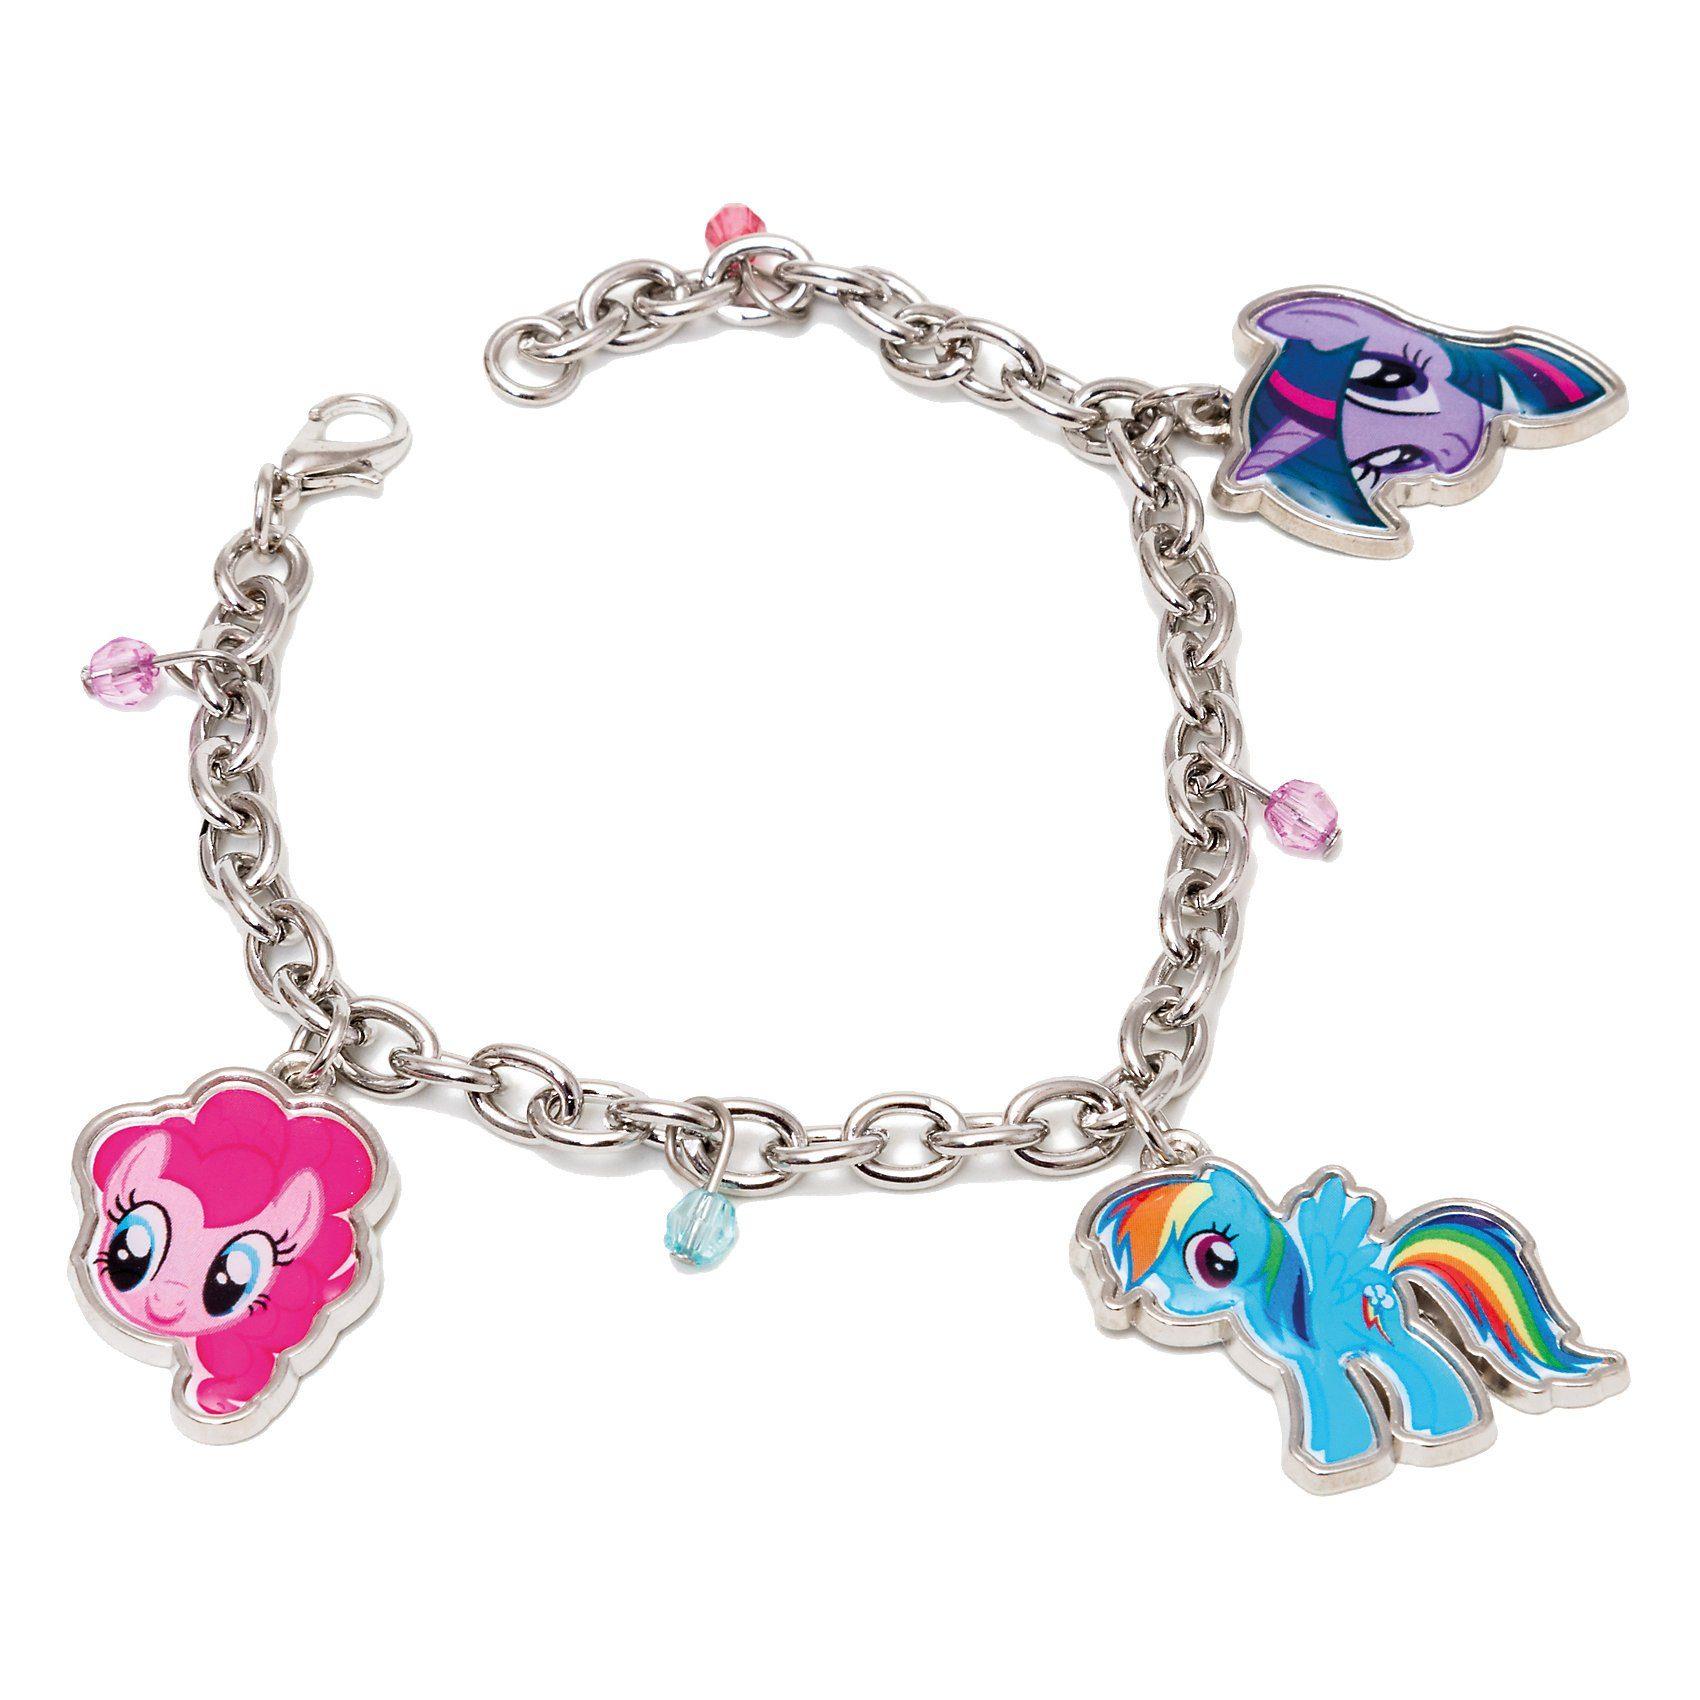 JOY TOY My Little Pony Armband mit Anhängern in Geschenkverpackung 1